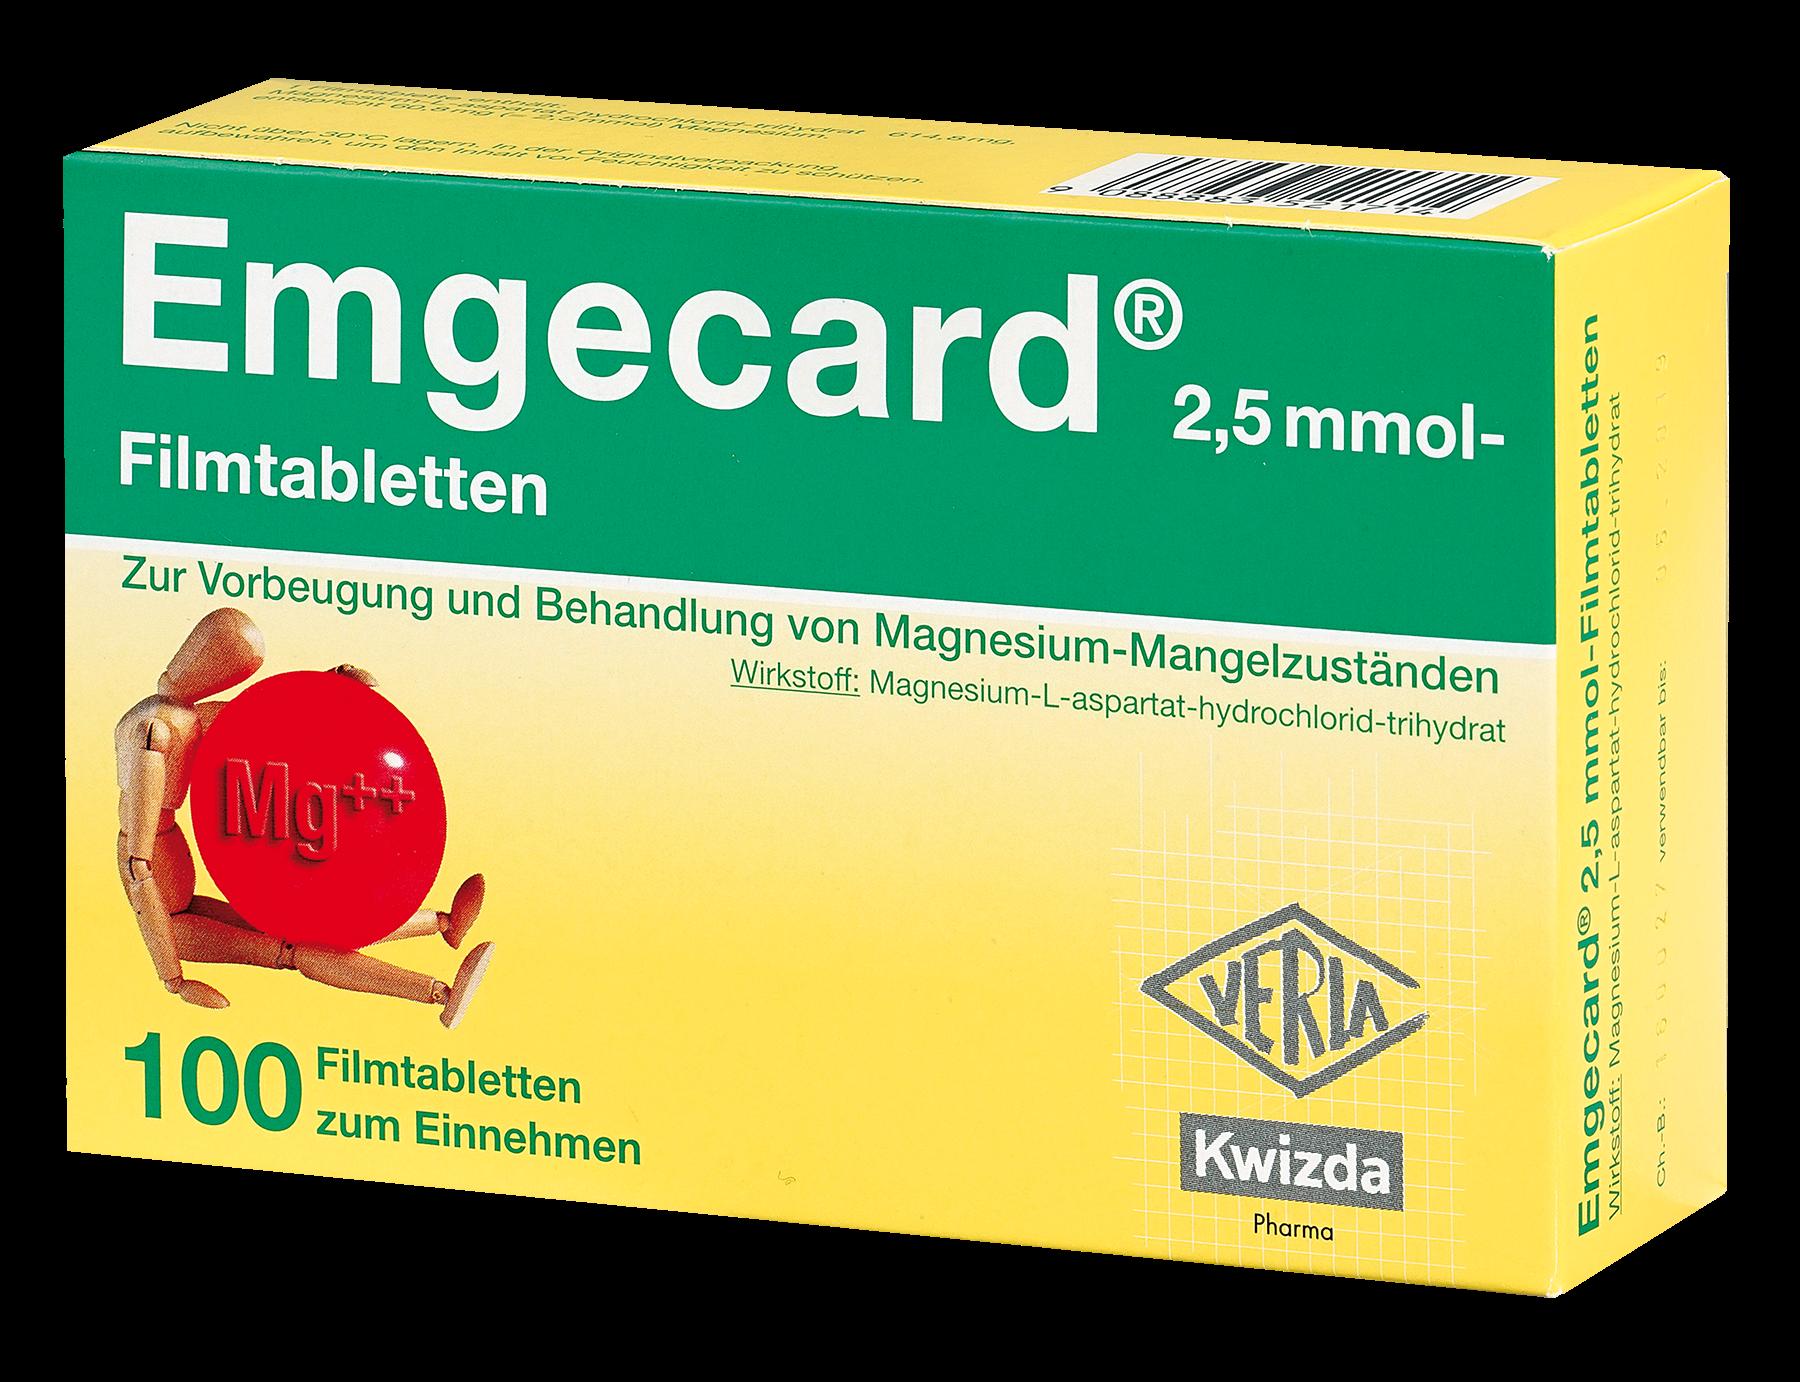 Emgecard 2,5 mmol - Filmtabletten